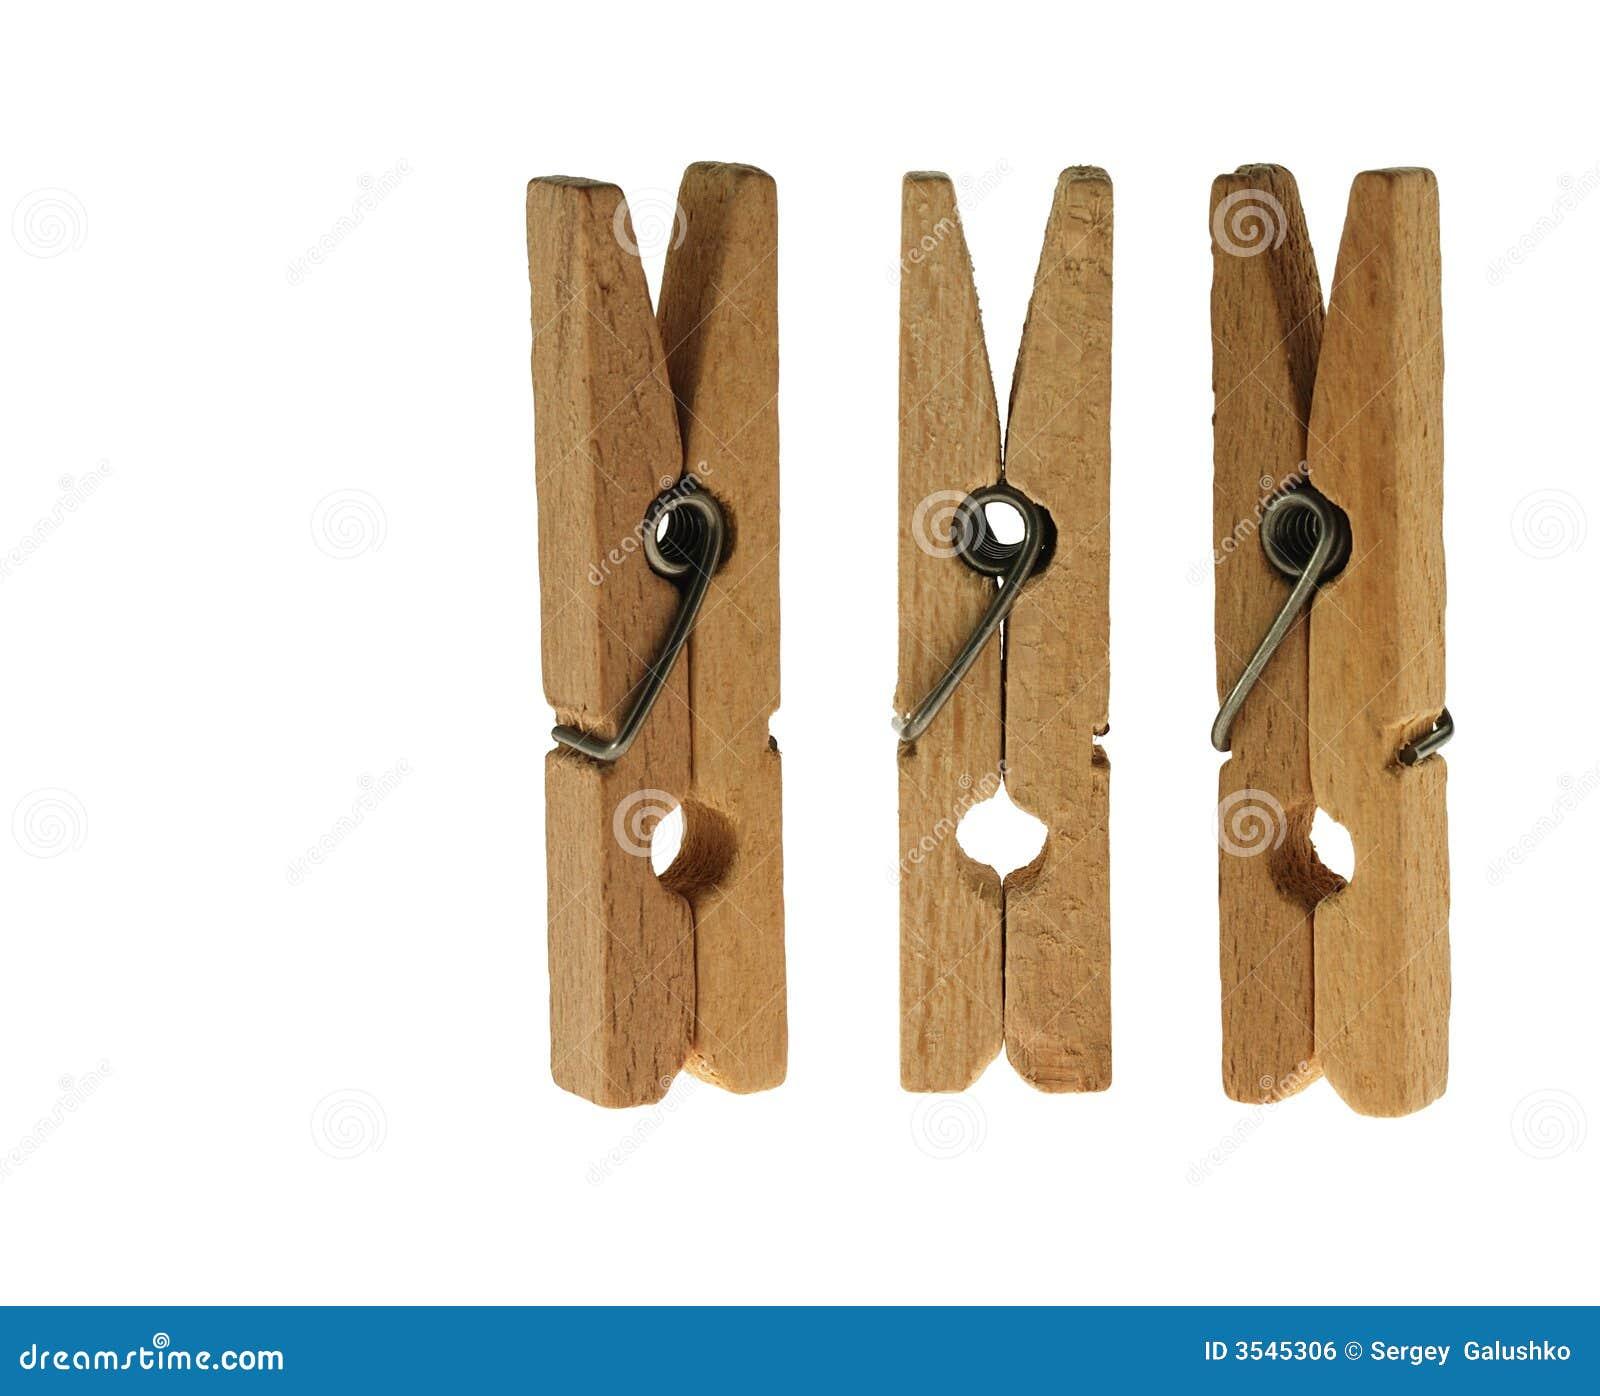 Clothespins linen